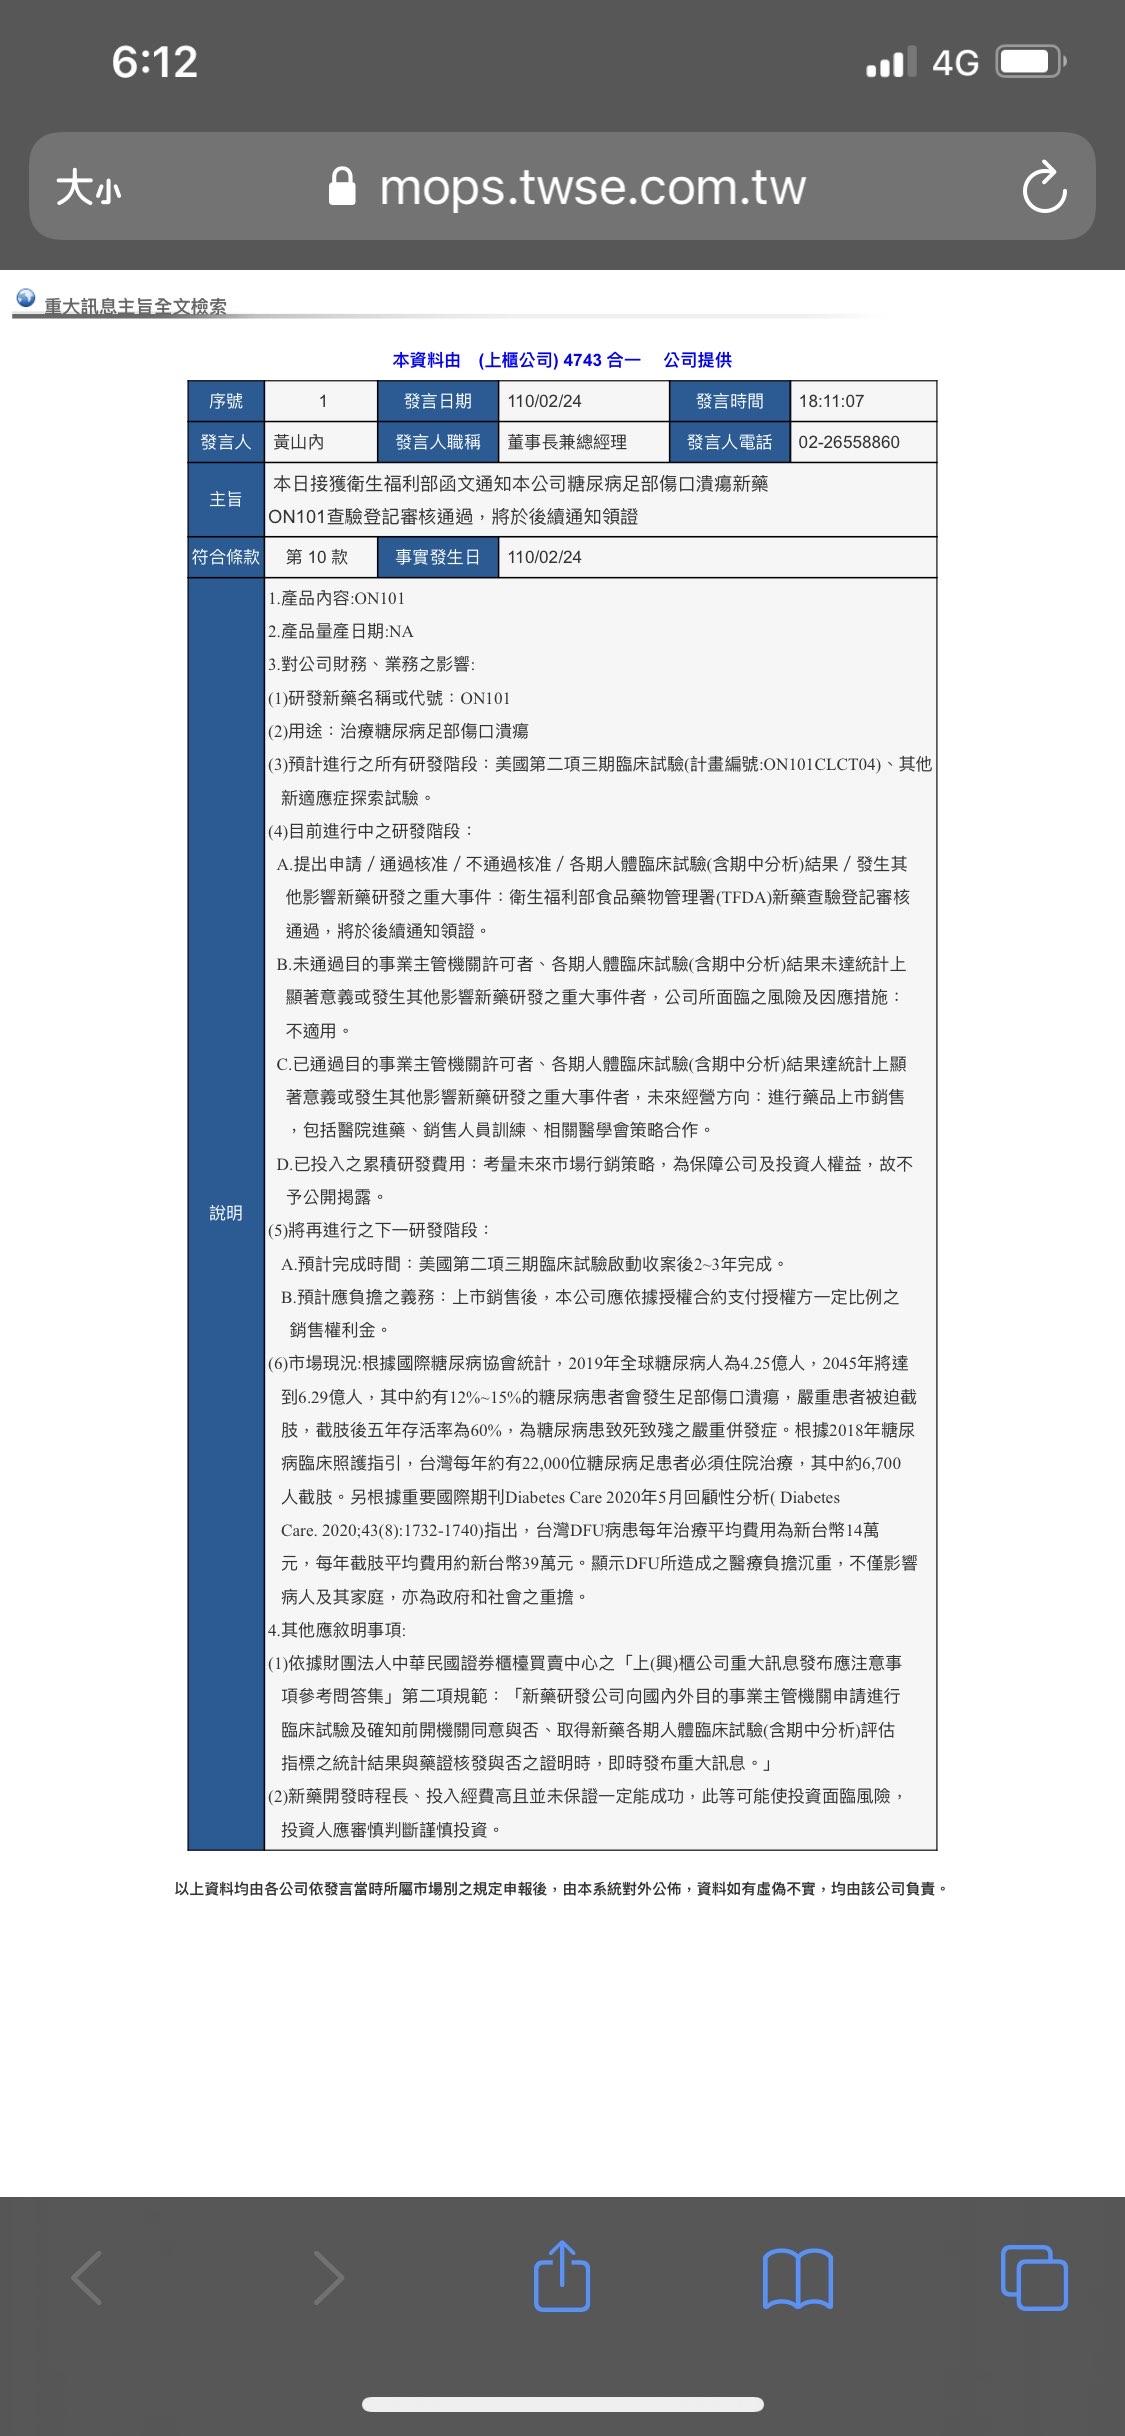 [新聞] 合一 ON101查驗登記審核通過